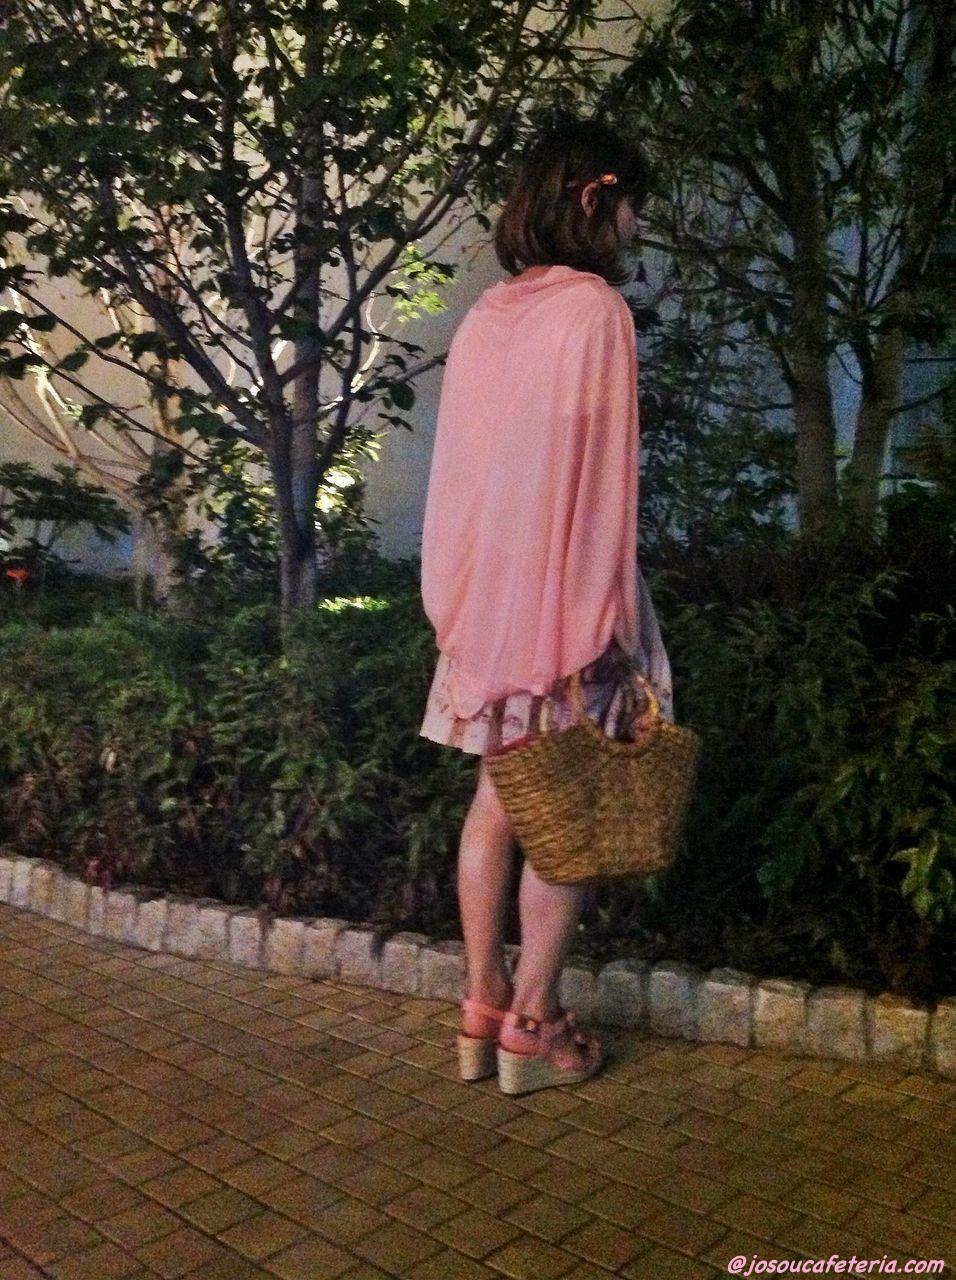 〜初めての外出 新宿のホテル街〜 ゆなちゃん〜